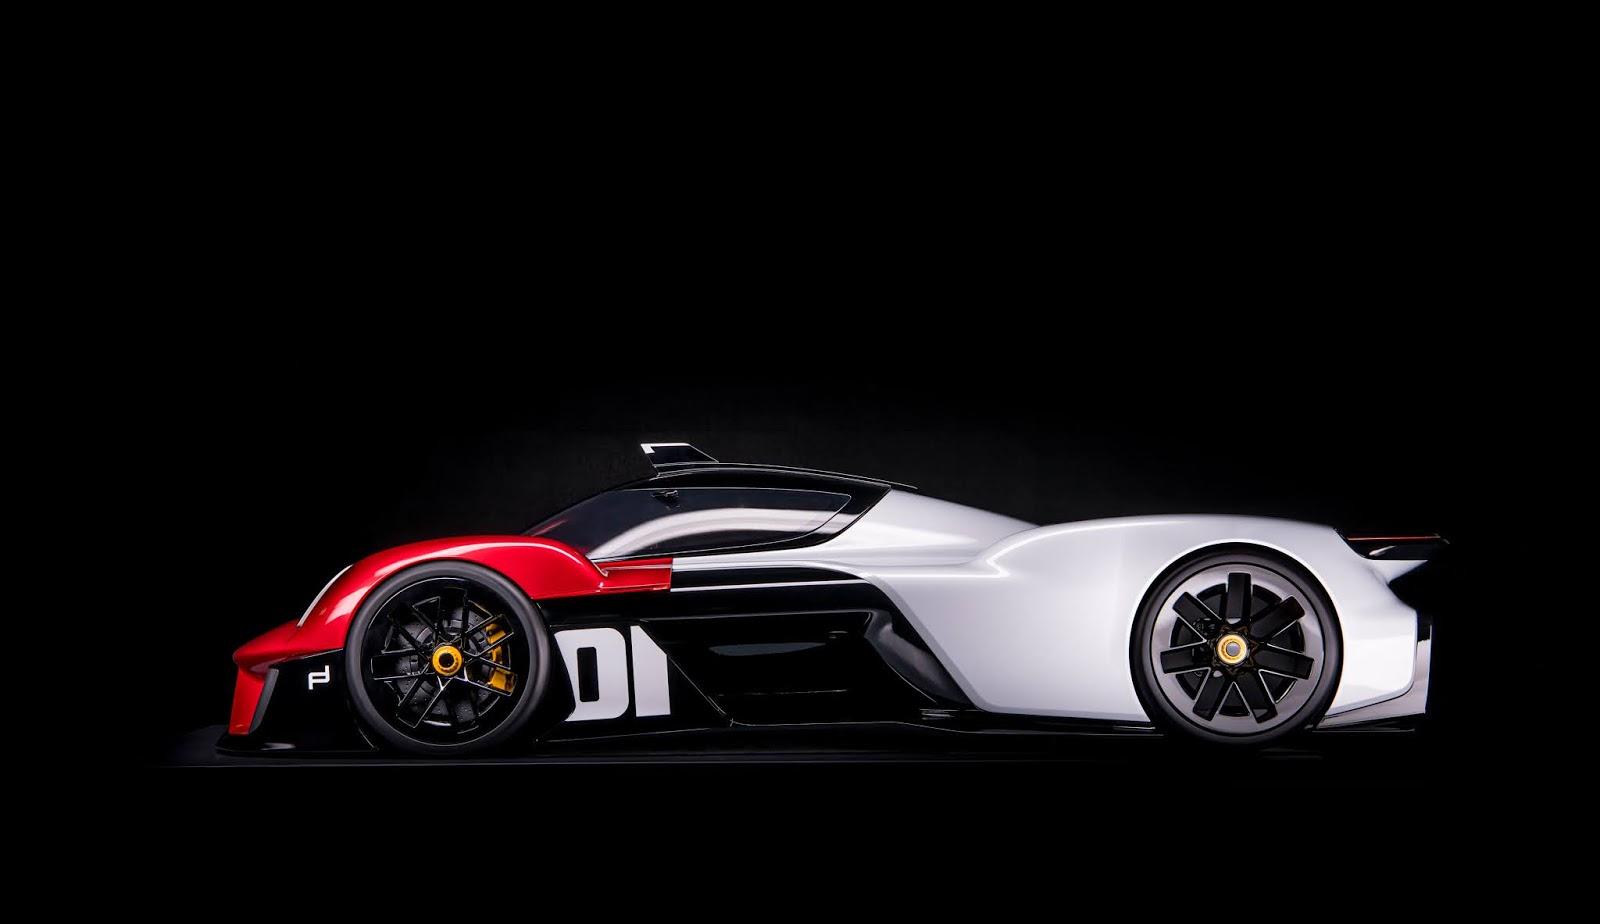 Capture0060 Τα άγνωστα Hypercars της Porsche hypercar, Porsche, Porsche Unseen, Sunday, supercar, supercars, zblog, ειδήσεις